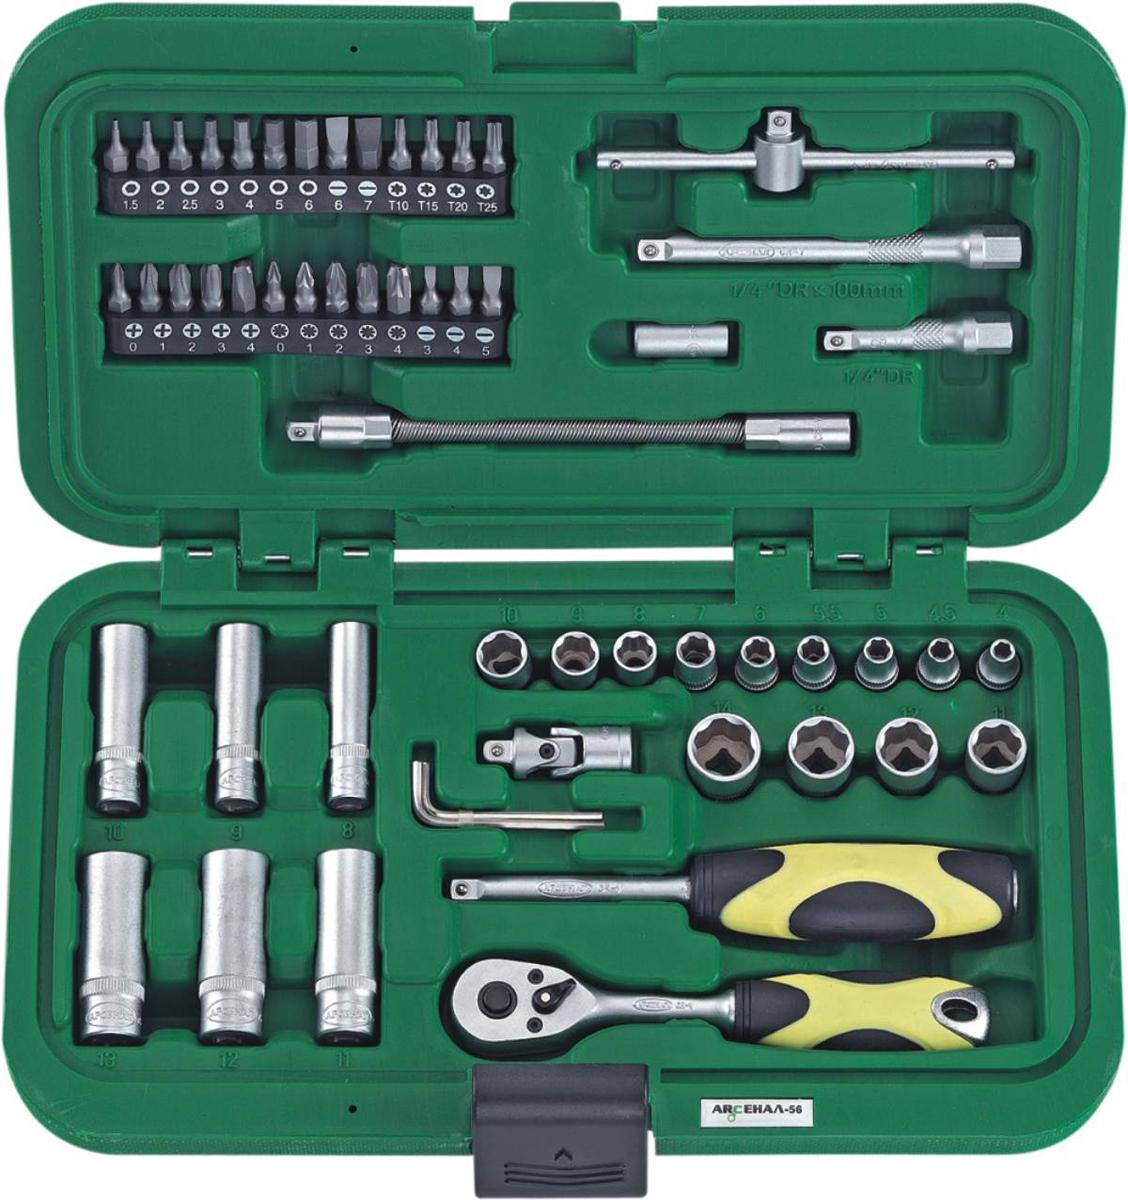 Набор инструментов Арсенал AA-C14L56, 56 предметов1922400Набор инструментов ARSENAL AA-C14L56 состоит из 56 предметов, изготовлен из качественной хром-ванадиевой стали и предназначен для профессионального ремонта автомобилей. Комплектация набора подходит прежде всего для автолюбителей. Инструменты упакованы в удобный кейс. Посадочный квадрат инструментов - 1/4Комплектация:- Головки шестигранные, 13 штук: 4, 4.5, 5, 5.5, 6, 7, 8, 9, 10, 11, 12, 13, 14 мм- Головки длинные шестигранные, 6 штук: 8, 9, 10, 11, 12, 13 мм- Вороток Т-образный 115 мм- Трещотка 45 зубьев- Удлинители, 2 штуки: 50, 100 мм- Гибкий удлинитель 150 мм- Кардан шарнирный- Отвертка с присоединительным квадратом- Адаптер для бит- Набор бит: - Биты PHILLIPS, 5 штук: PH.0, PH.1, PH.2, PH.3, PH.4- Биты POZIDRIV, 5 штук: PZ.0, PZ.1, PZ.2, PZ.3, PZ.4- Биты TORX, 4 штуки: T10, T15, T20, T25- Биты шлицевые, 5 штук: 3, 4, 5, 6, 7 мм- Биты HEX, 7 штук: 1.5, 2, 2.5, 3, 4, 5, 6 мм- Шестигранные ключи, 3 штуки: 1.5, 2, 2.5 мм